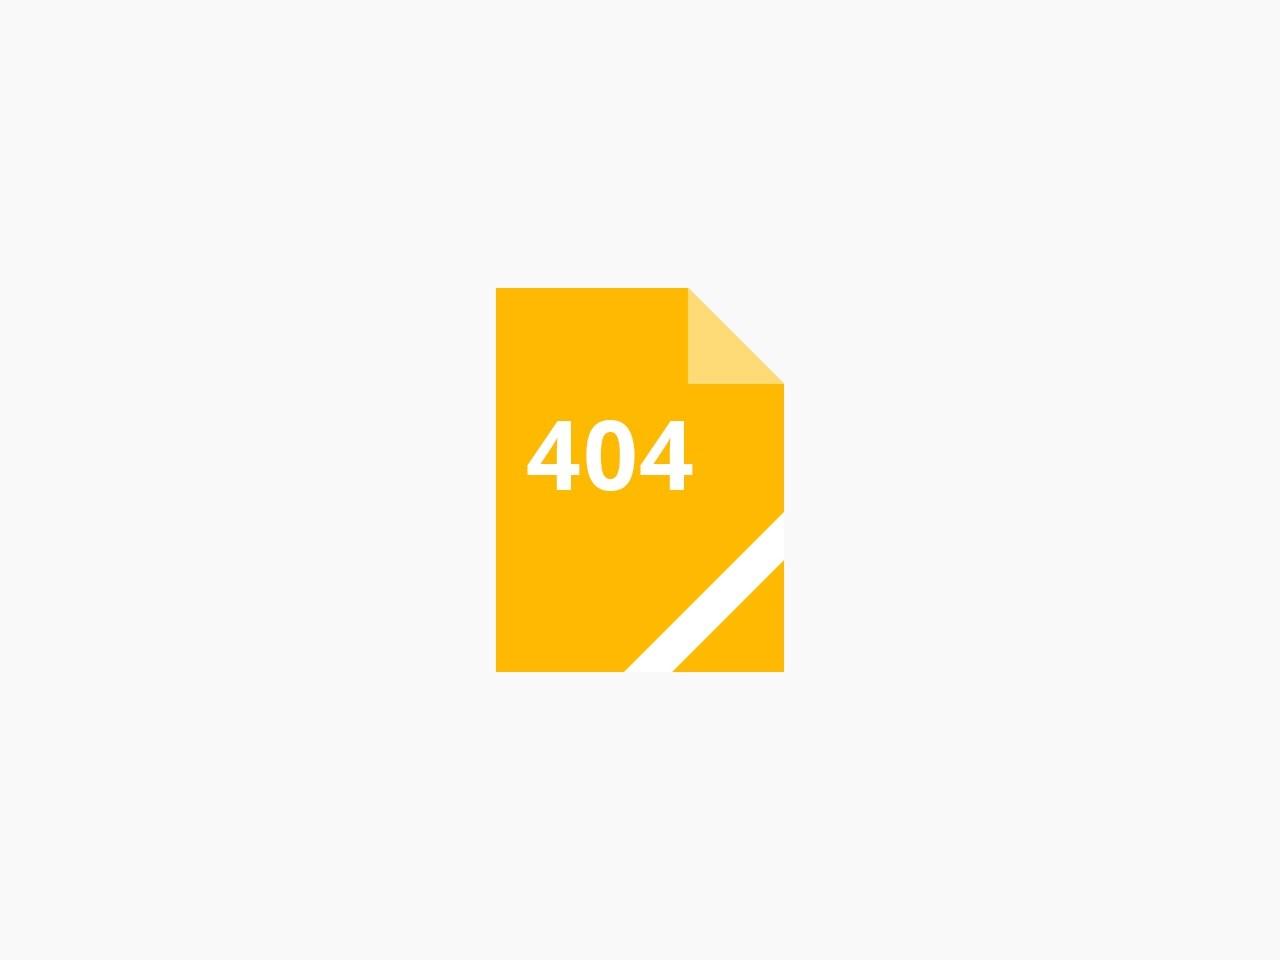 浙中在线 - 社区论坛 - 资源猫